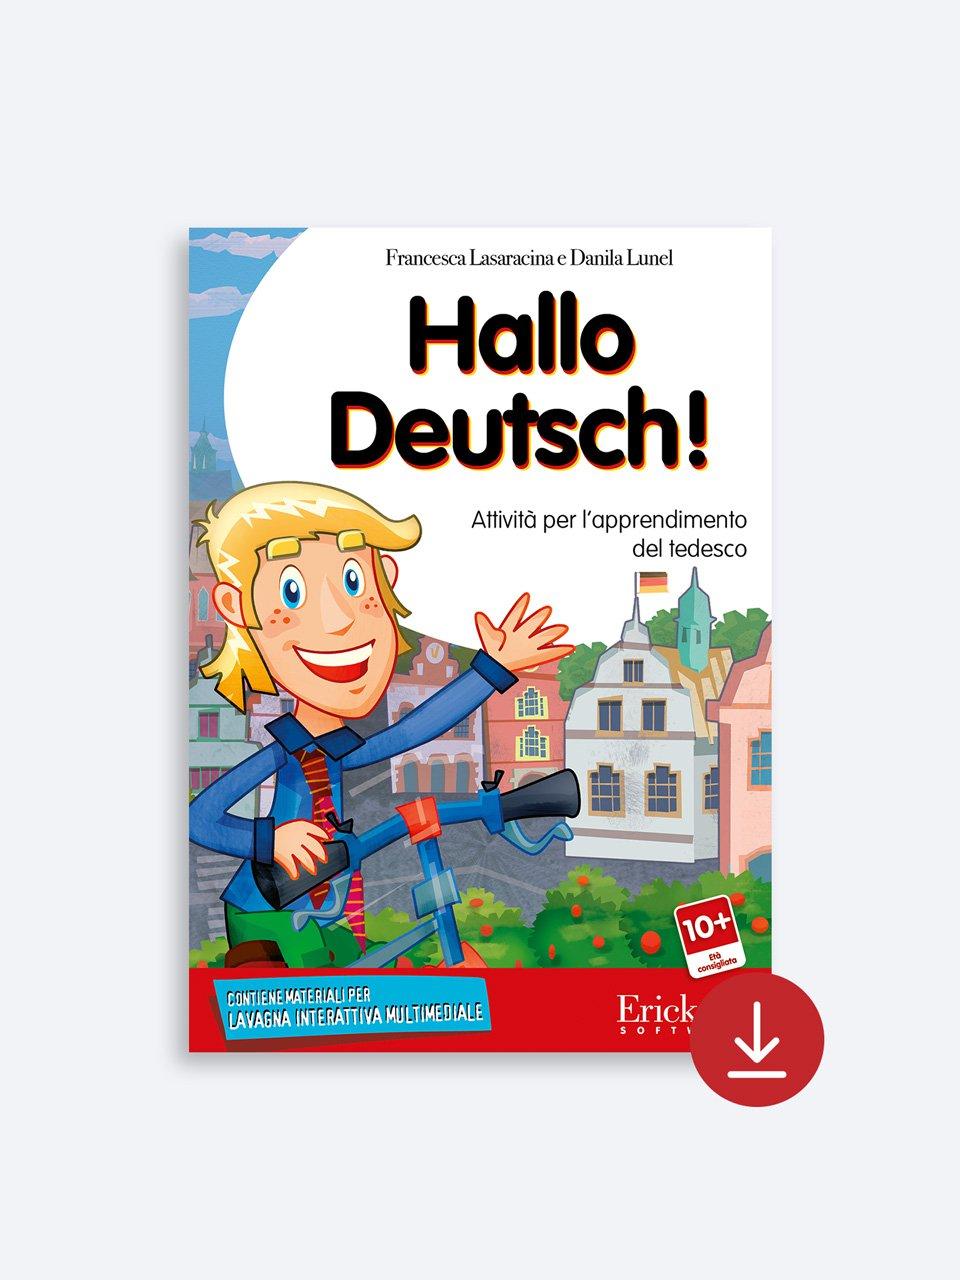 Hallo Deutsch! - Libri - App e software - Erickson